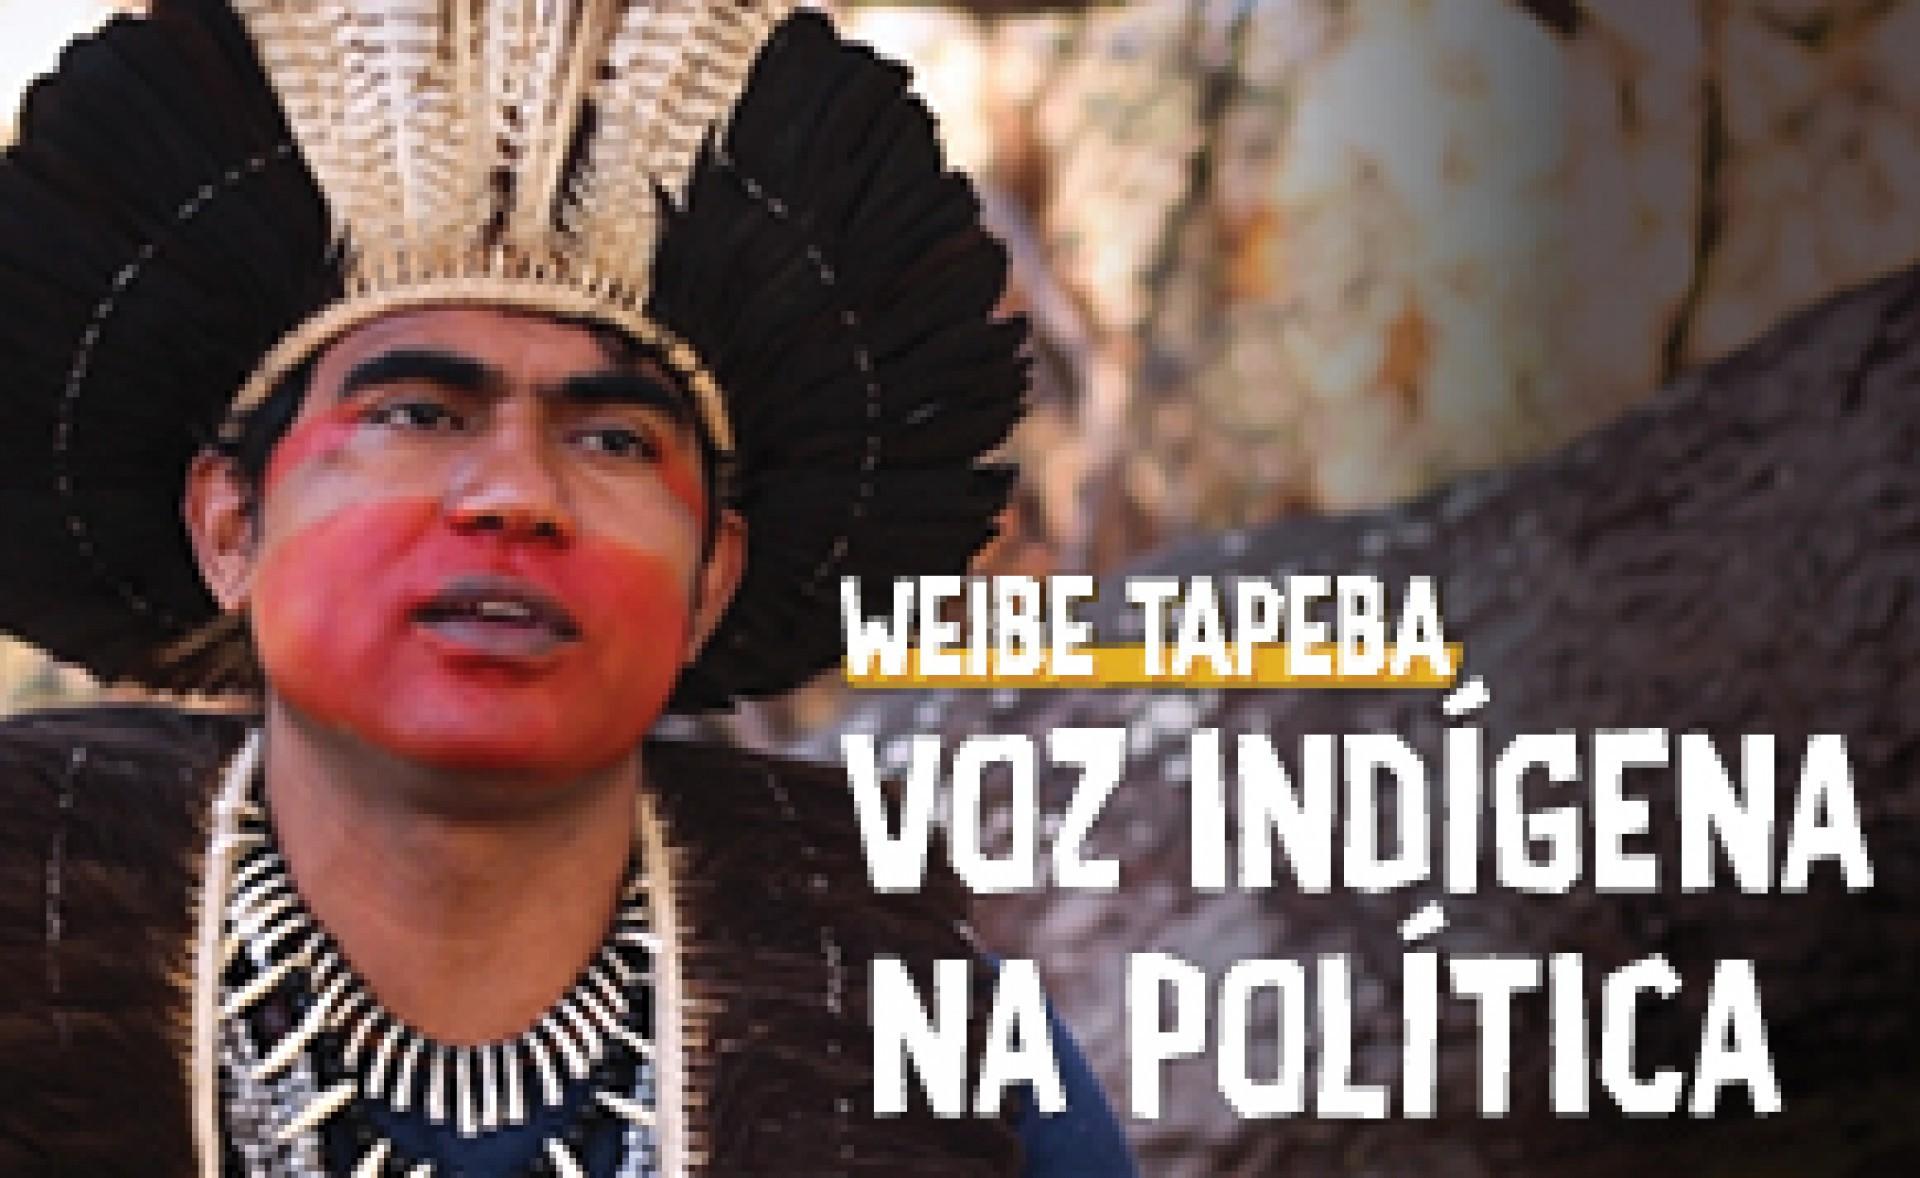 Weibe Tapeba: voz indígena na política